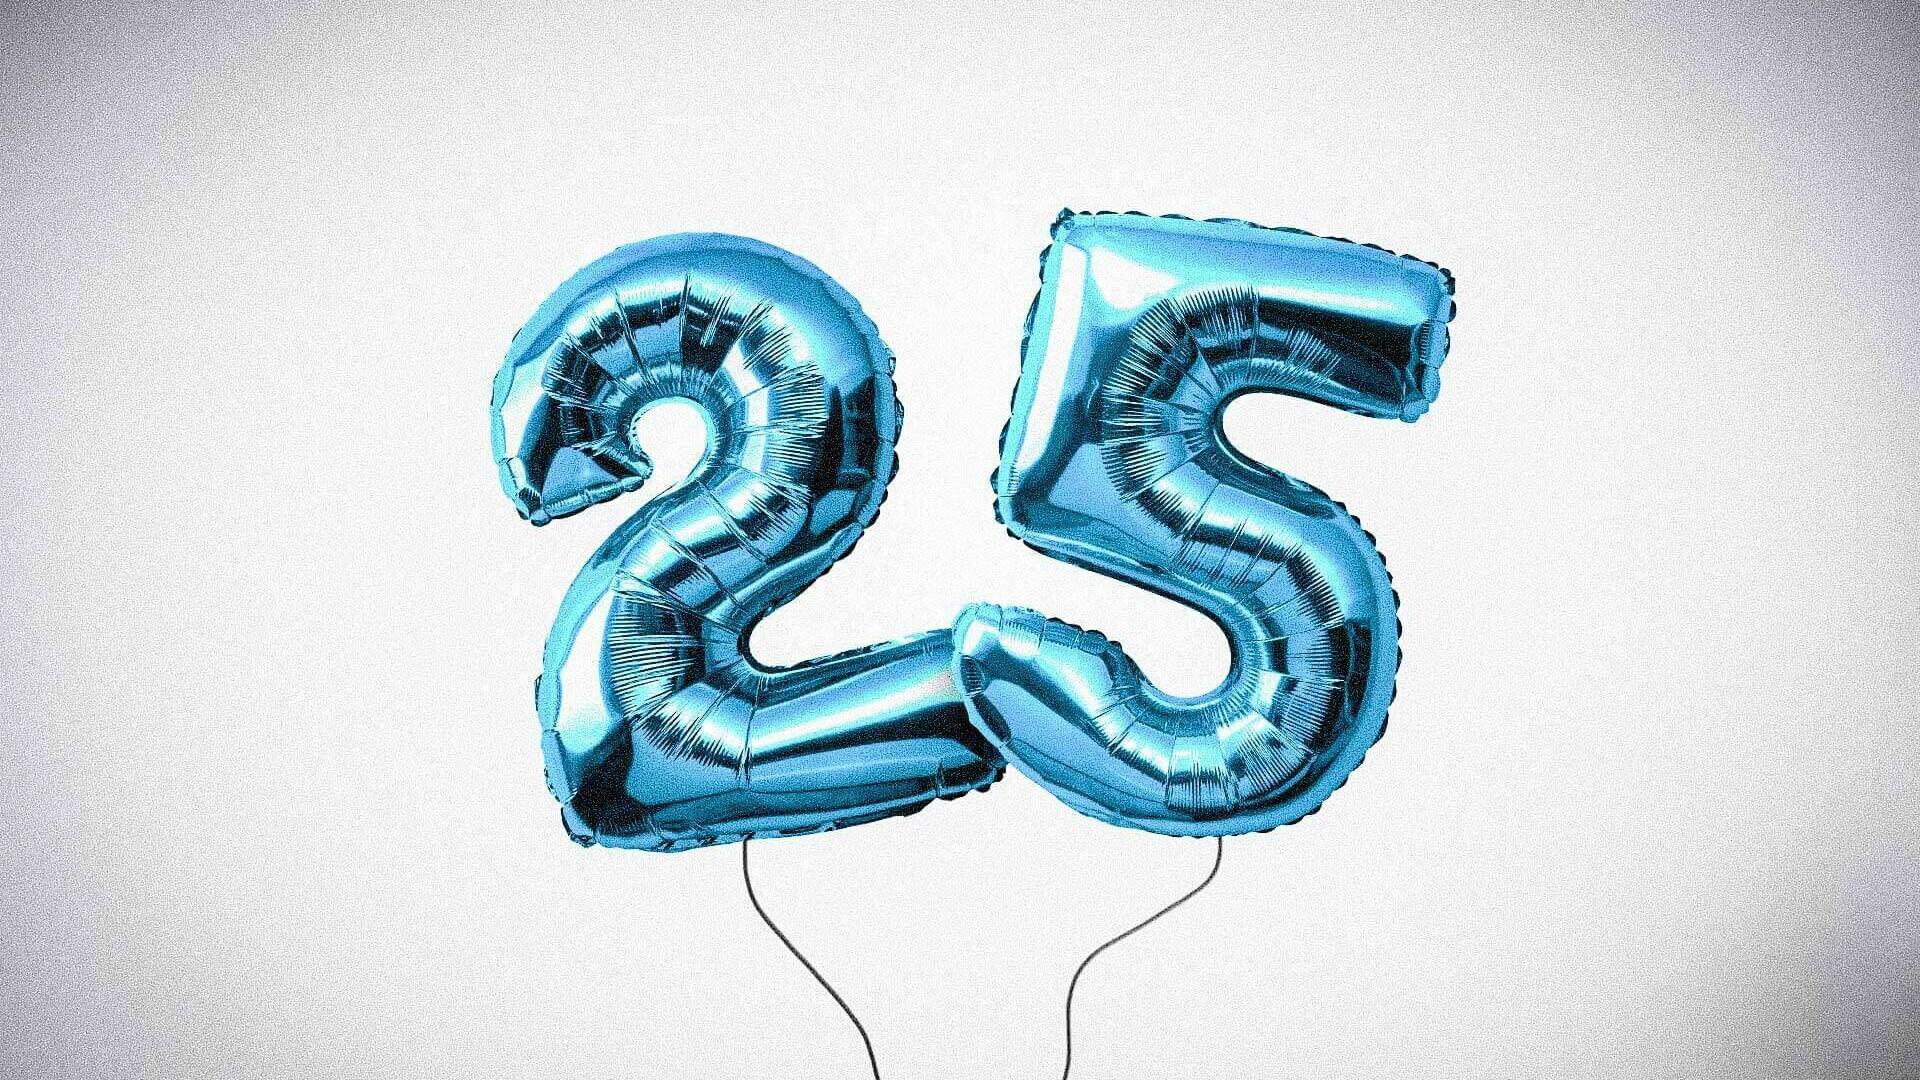 dietz-digital-feiert-25-jahre-jubilaeum